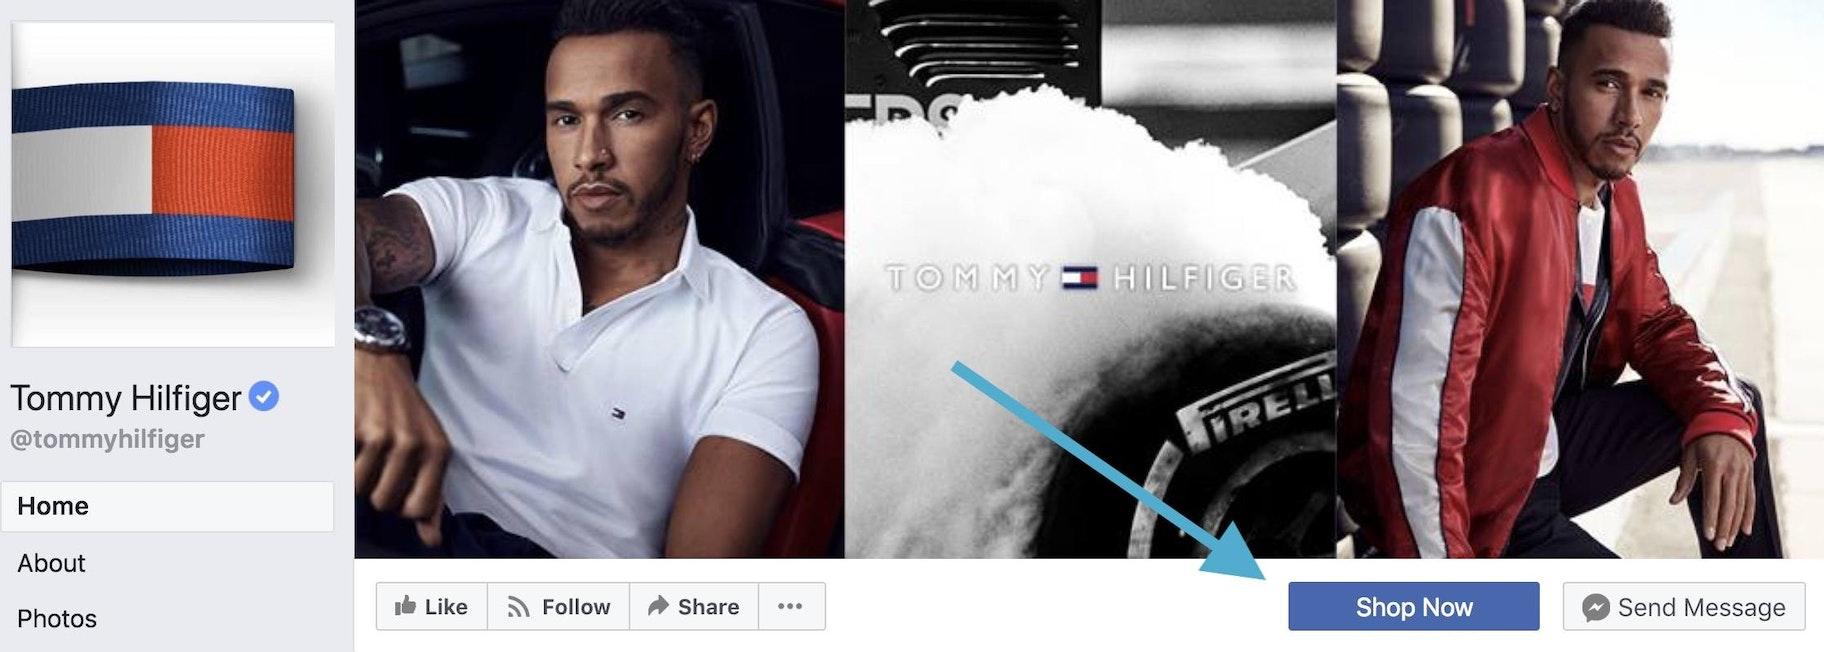 Tommy Hilfiger Facebook shop